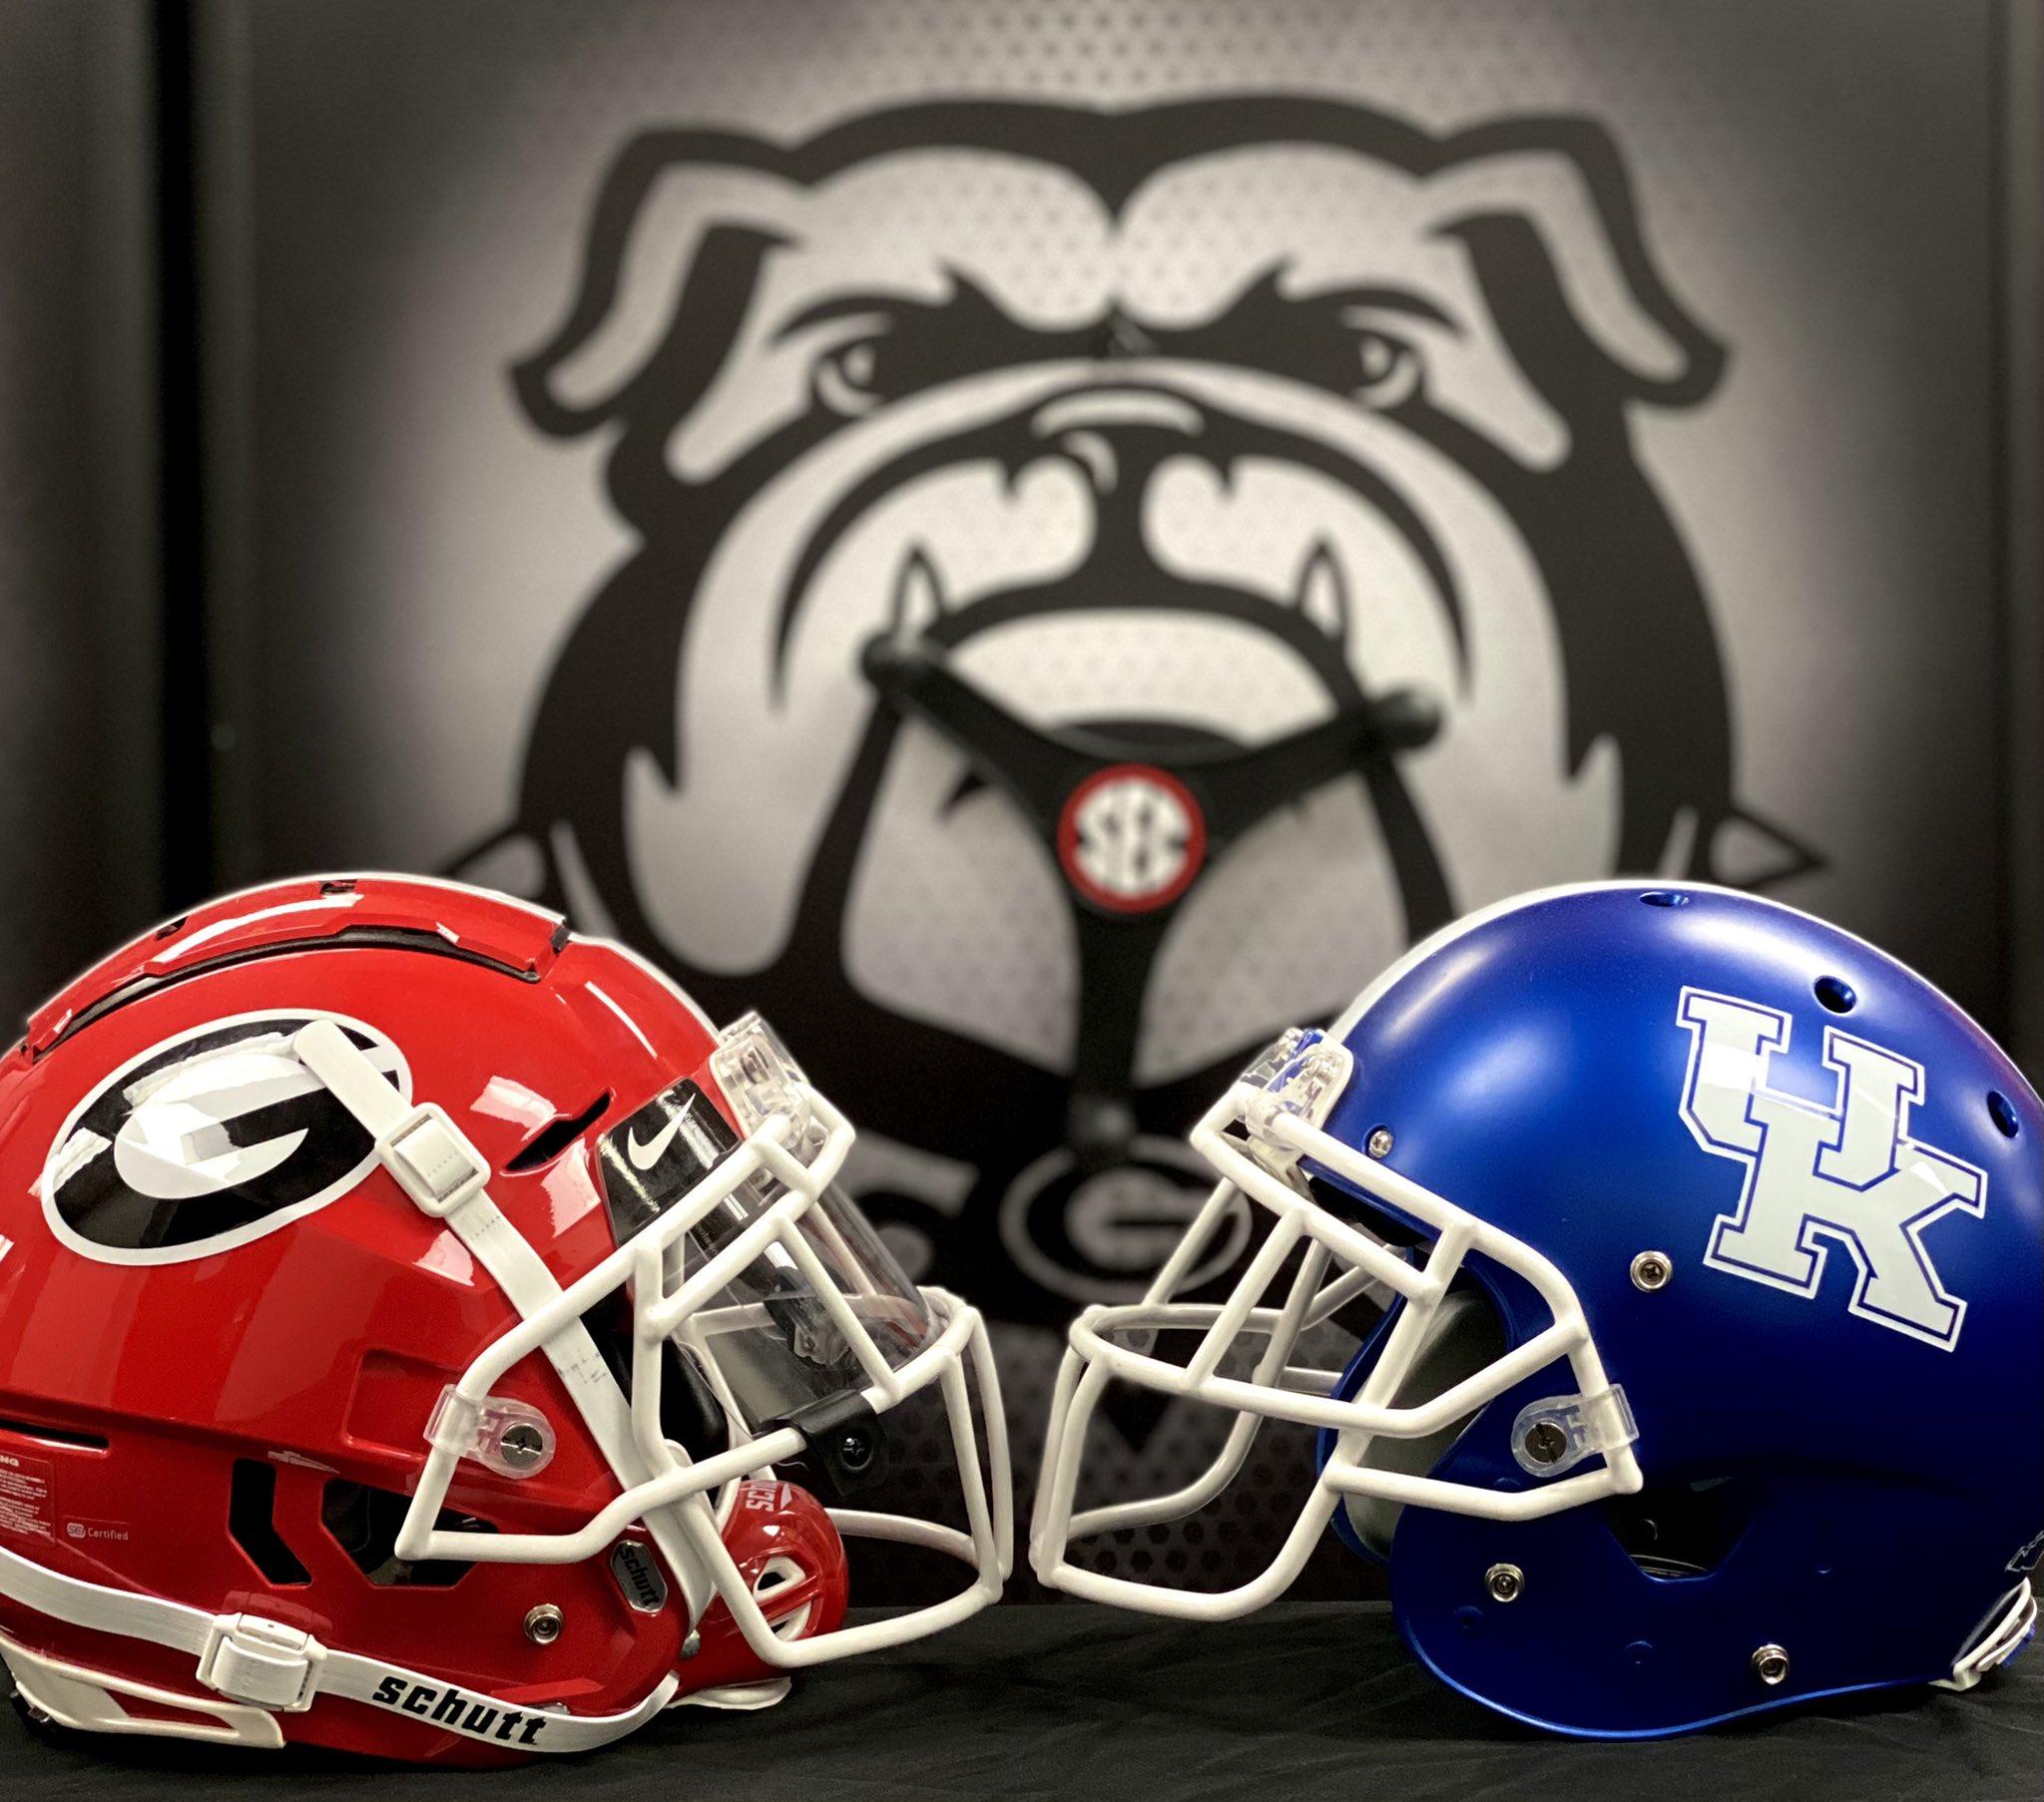 UGA Football: Smart, Bulldogs Preview Kentucky Game ...